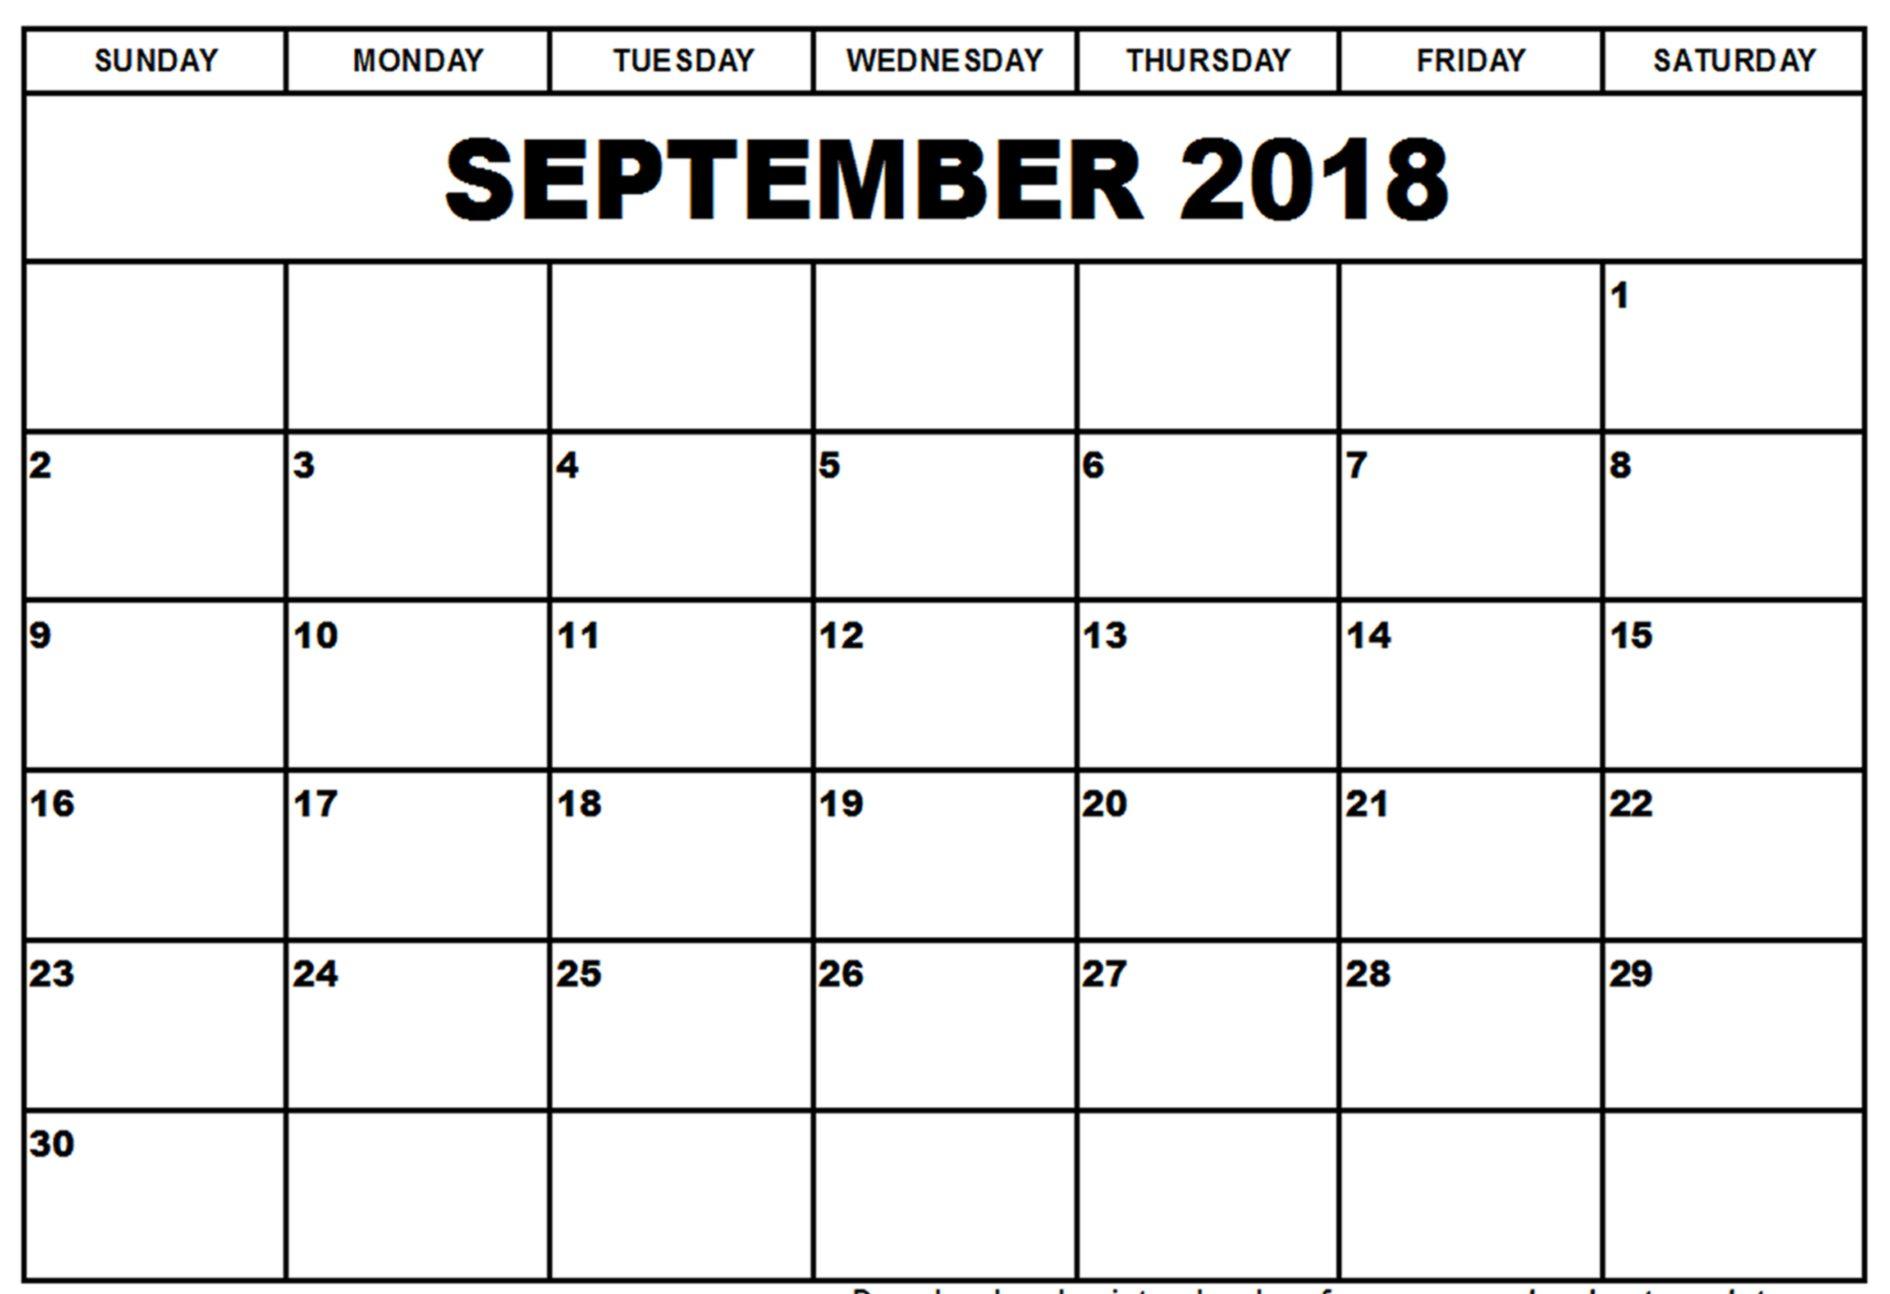 Blank Calendar July 2019 June 2020 - Free Printable